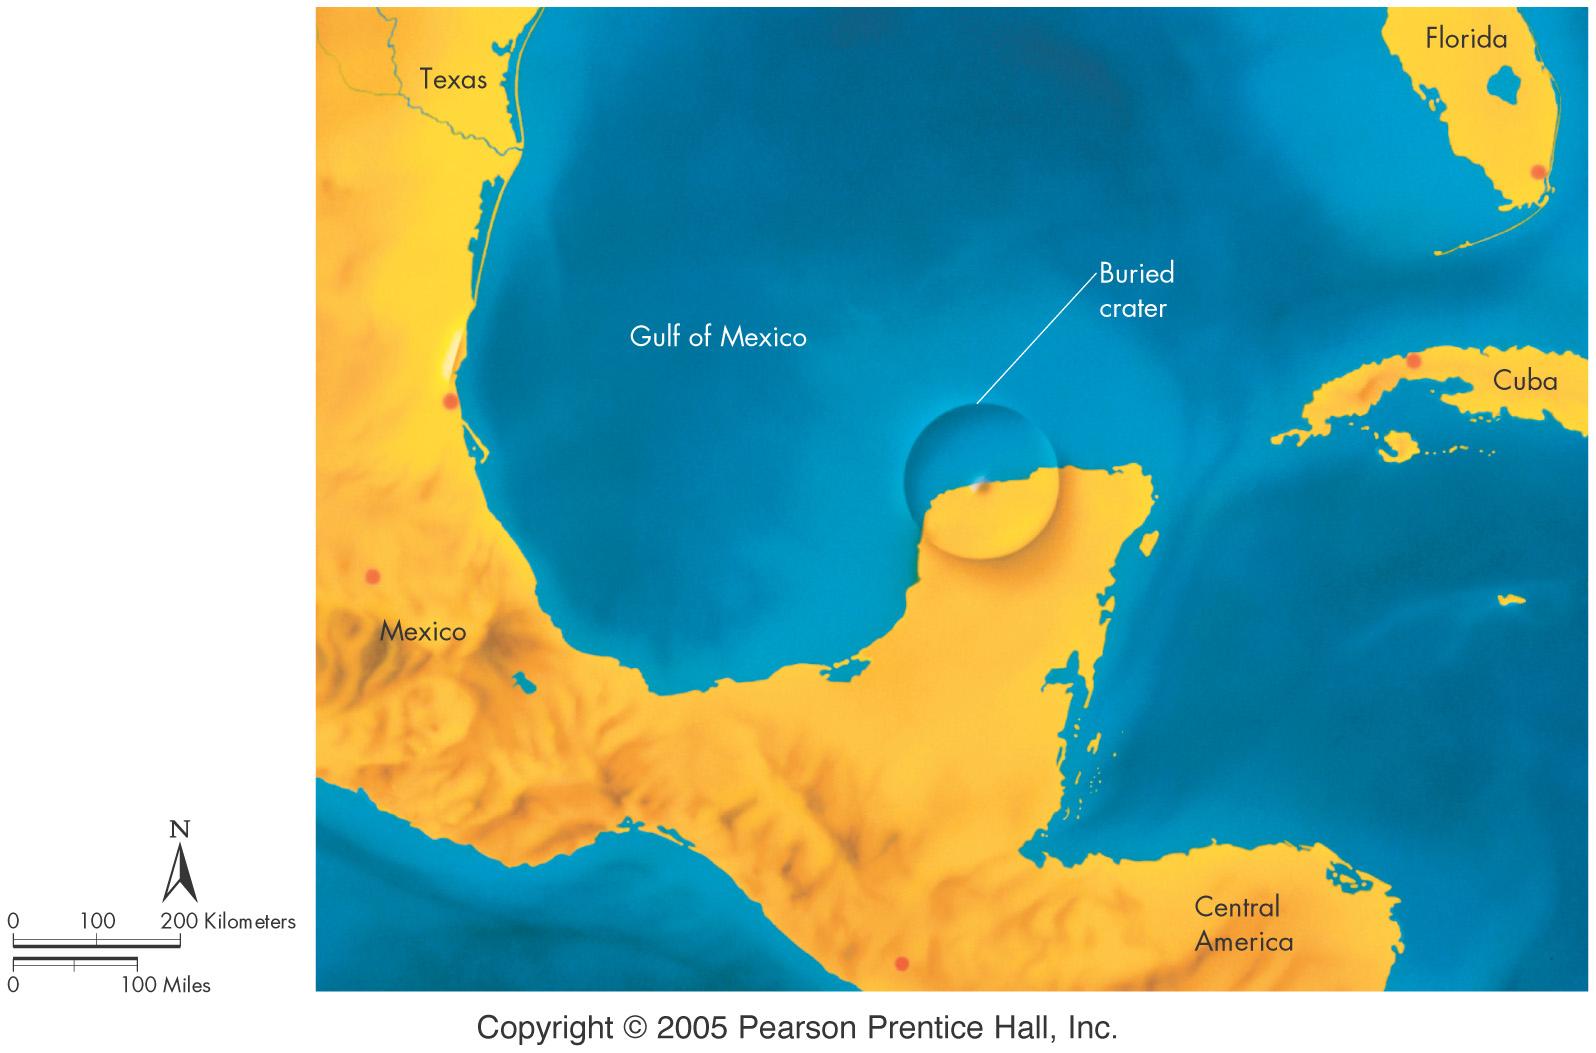 La posizione e le dimensioni del cratere dello Yucatan